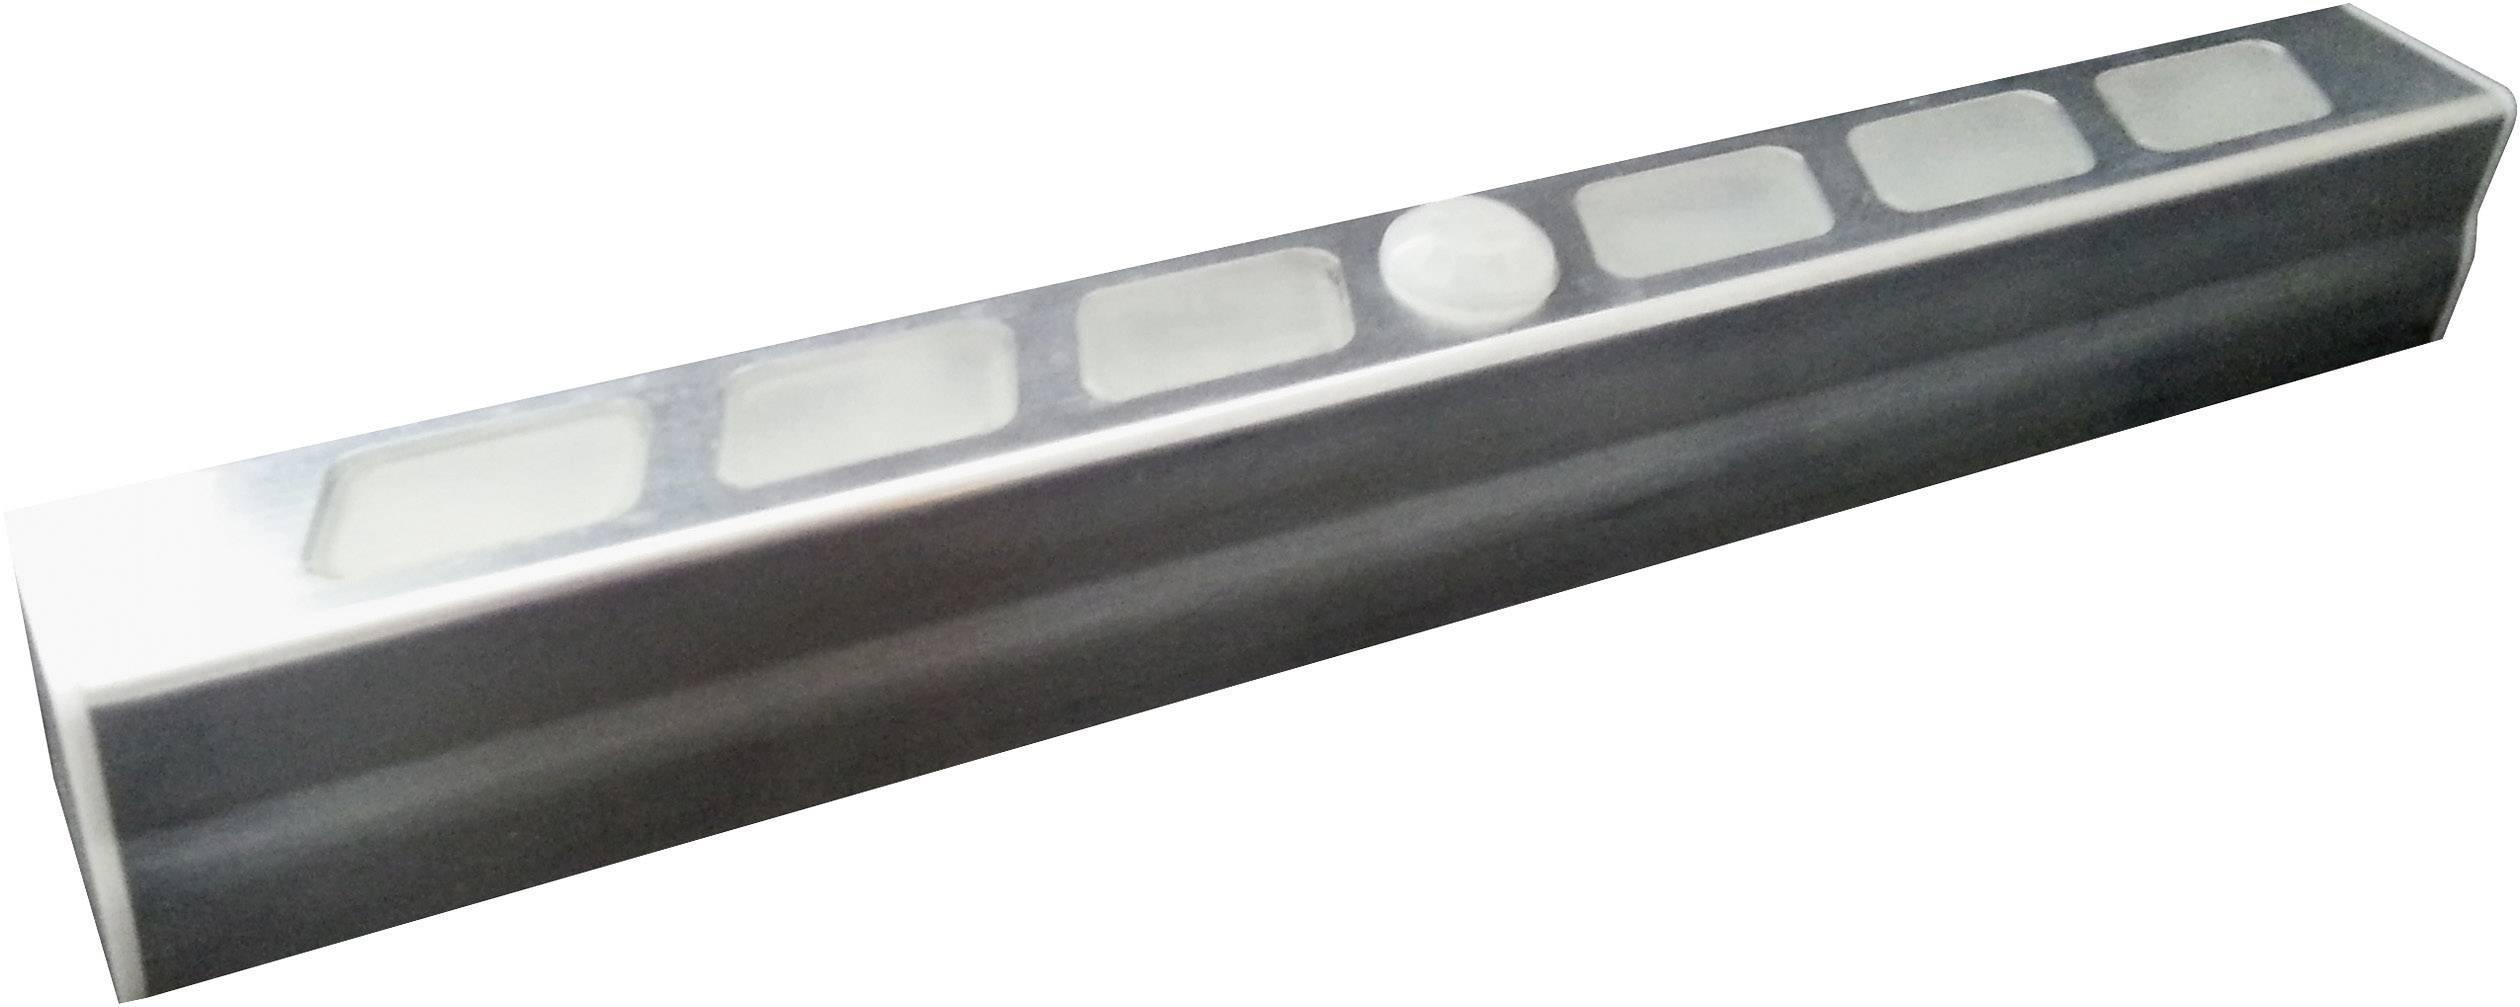 LED lišta s detektorem pohybu Müller Licht, 57015, 0,7 W, 19,5 cm, studená bílá